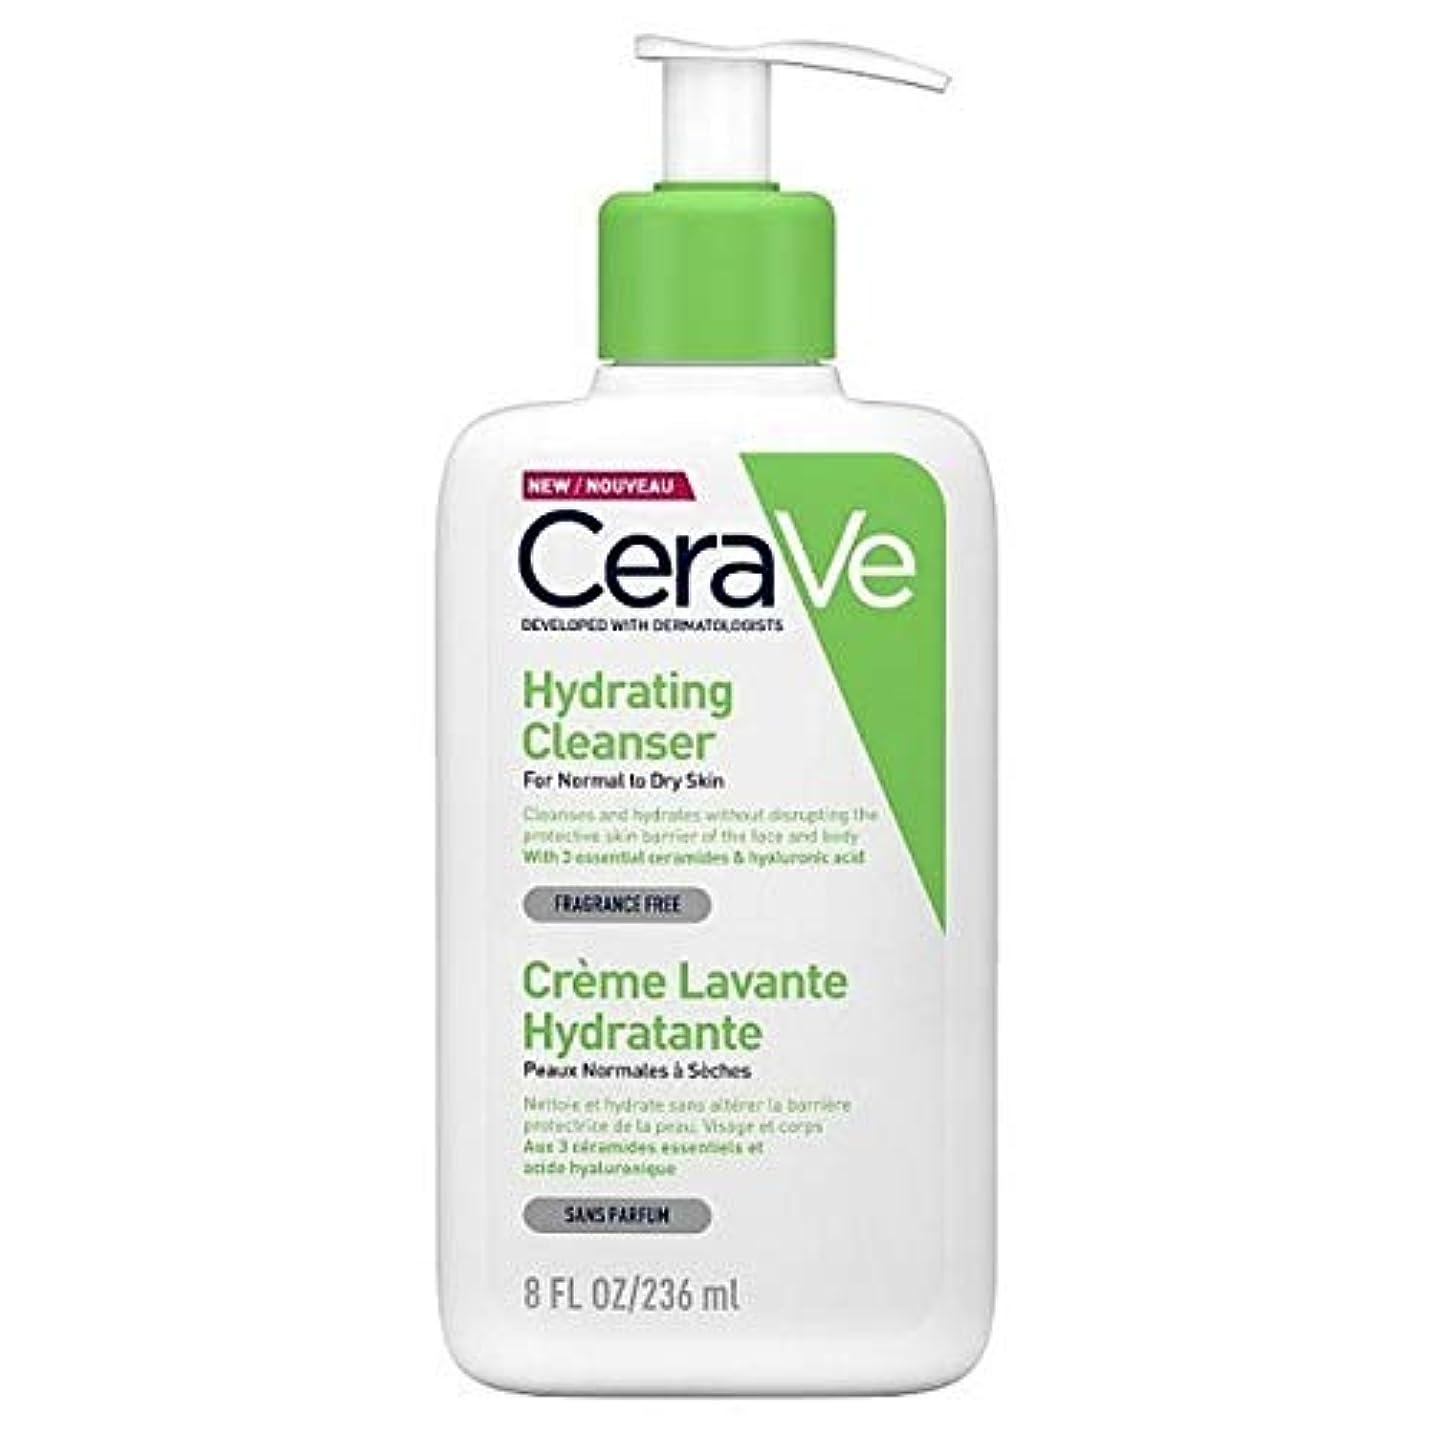 アグネスグレイピル緑[CeraVe] Cerave水和クレンザー236ミリリットル - CeraVe Hydrating Cleanser 236ml [並行輸入品]